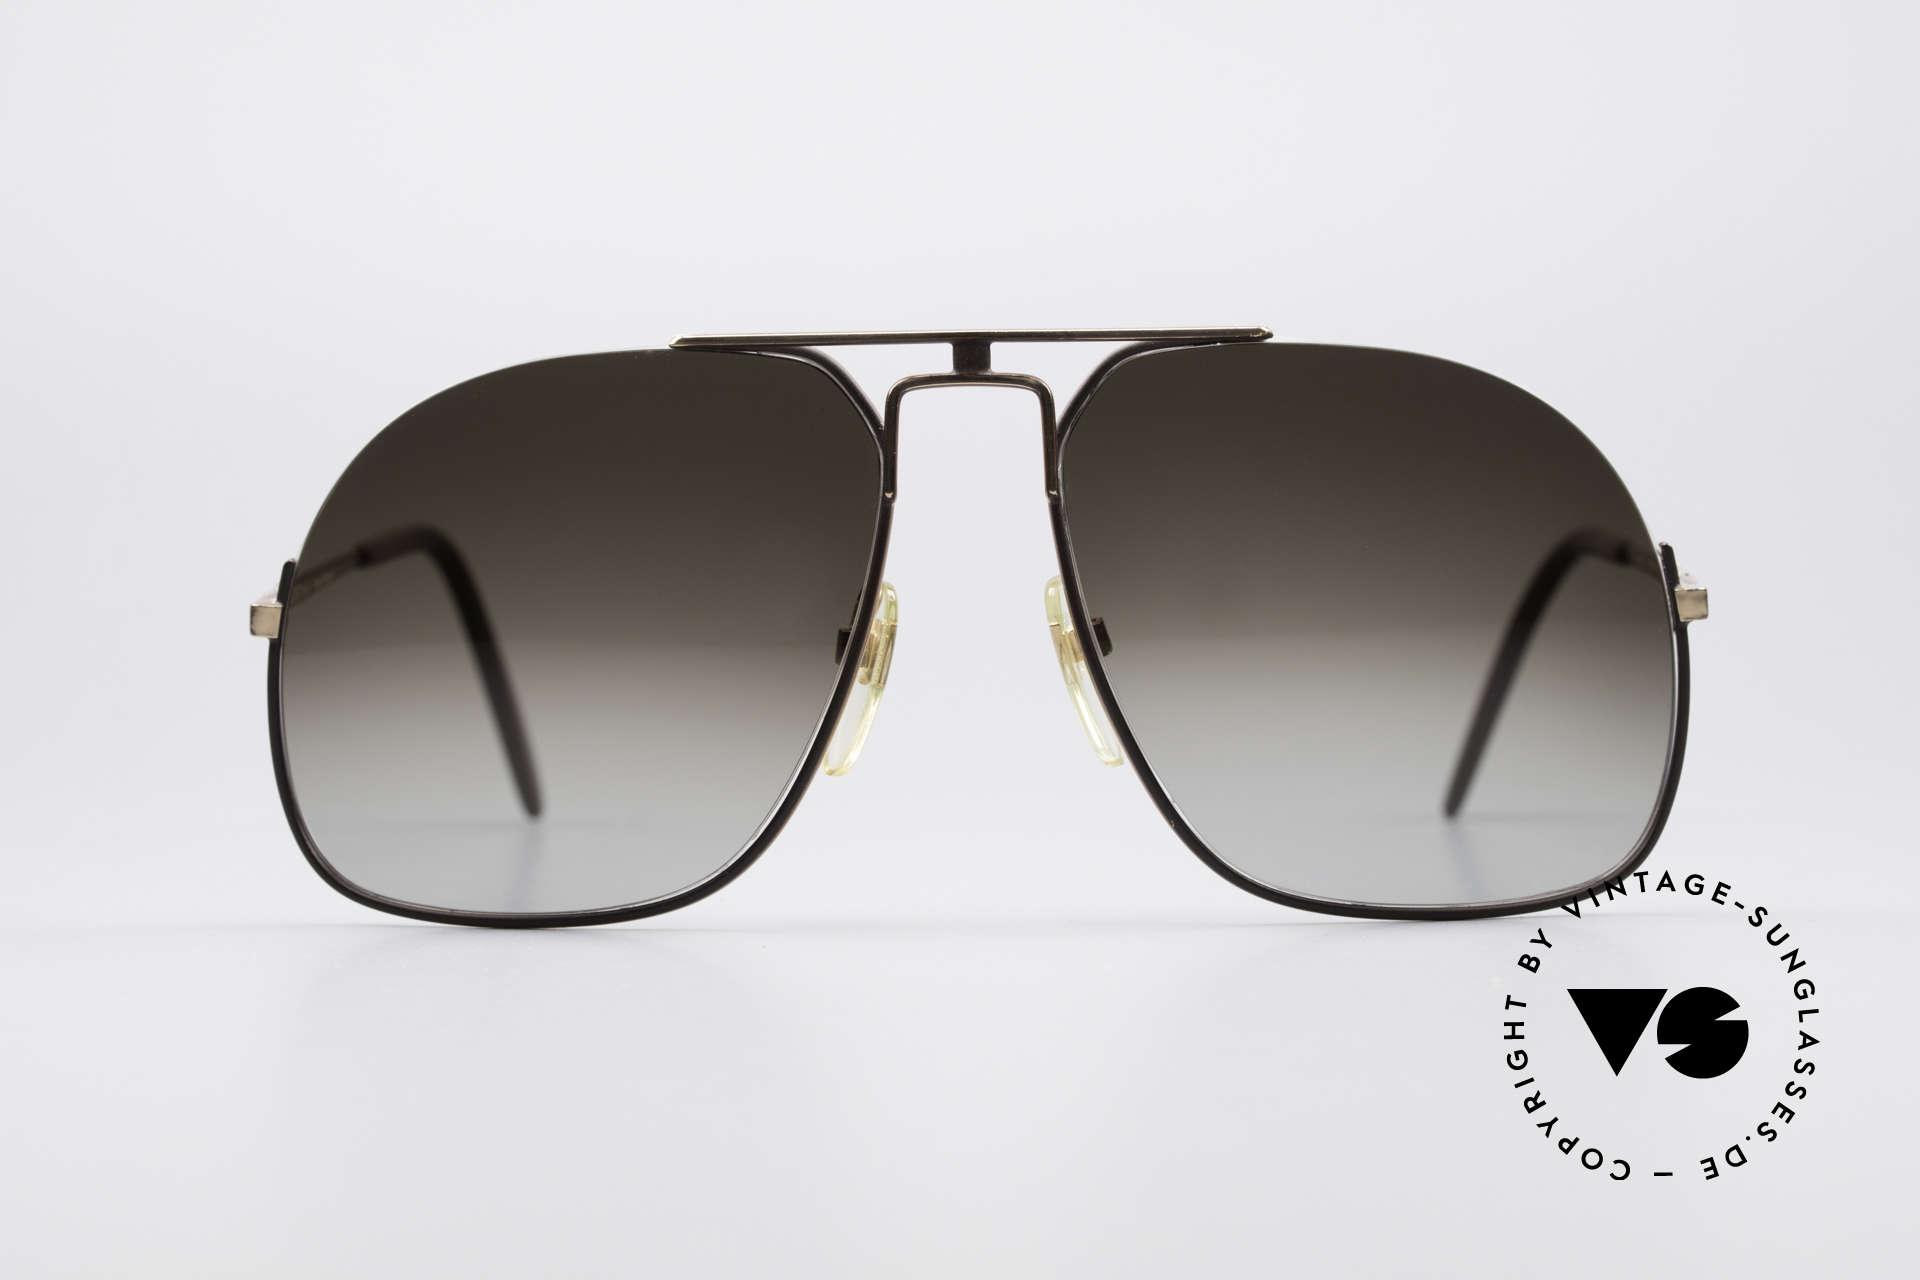 Neostyle Jet 16 Außergewöhnliche 80er Brille, modifizierte Pilotenform in dunkelgrau / gold, Passend für Herren